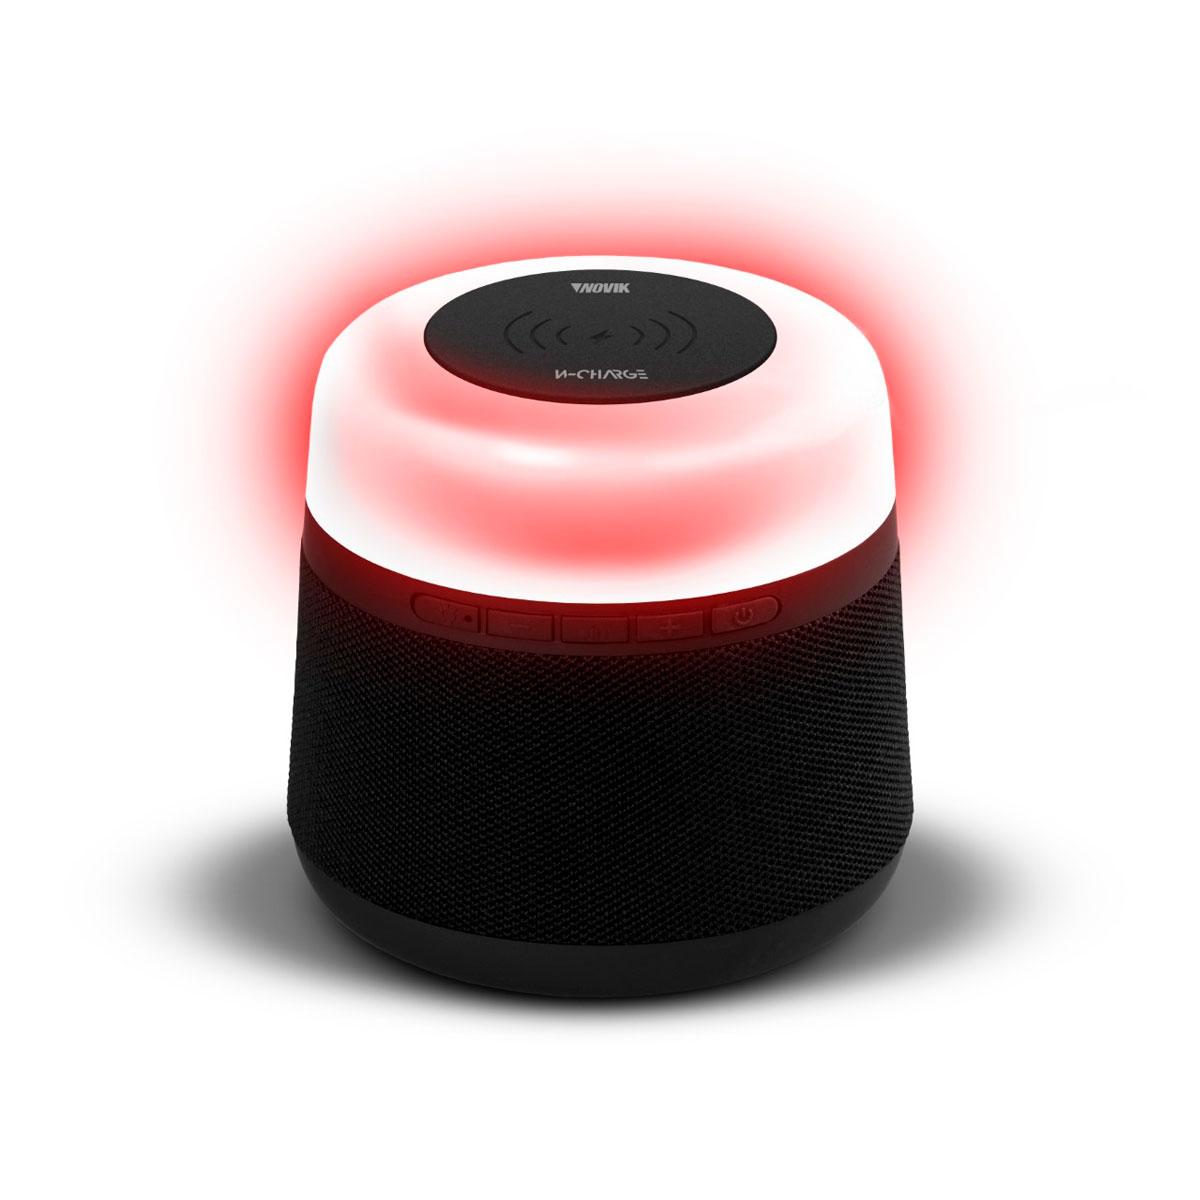 Caixa de Som Bluetooth/USB/SD W-Charge com Bateria Interna e Iluminação